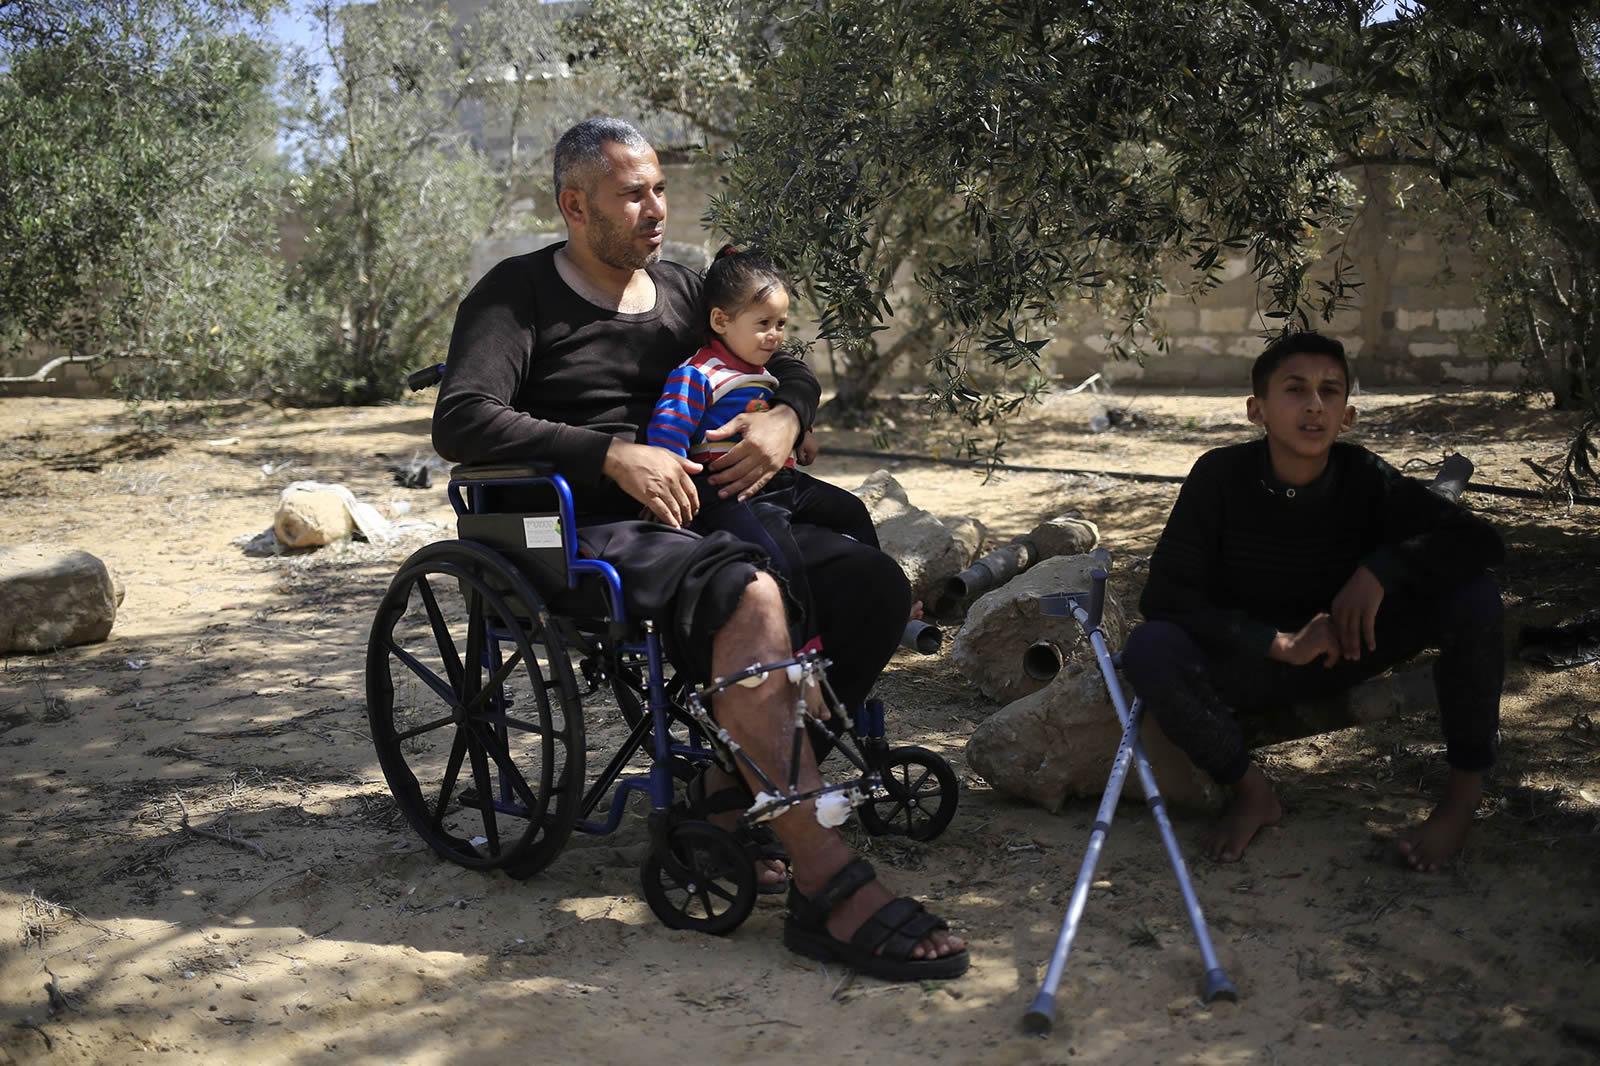 艾哈邁德的腿也在那天受了傷。©Mohammed ABED